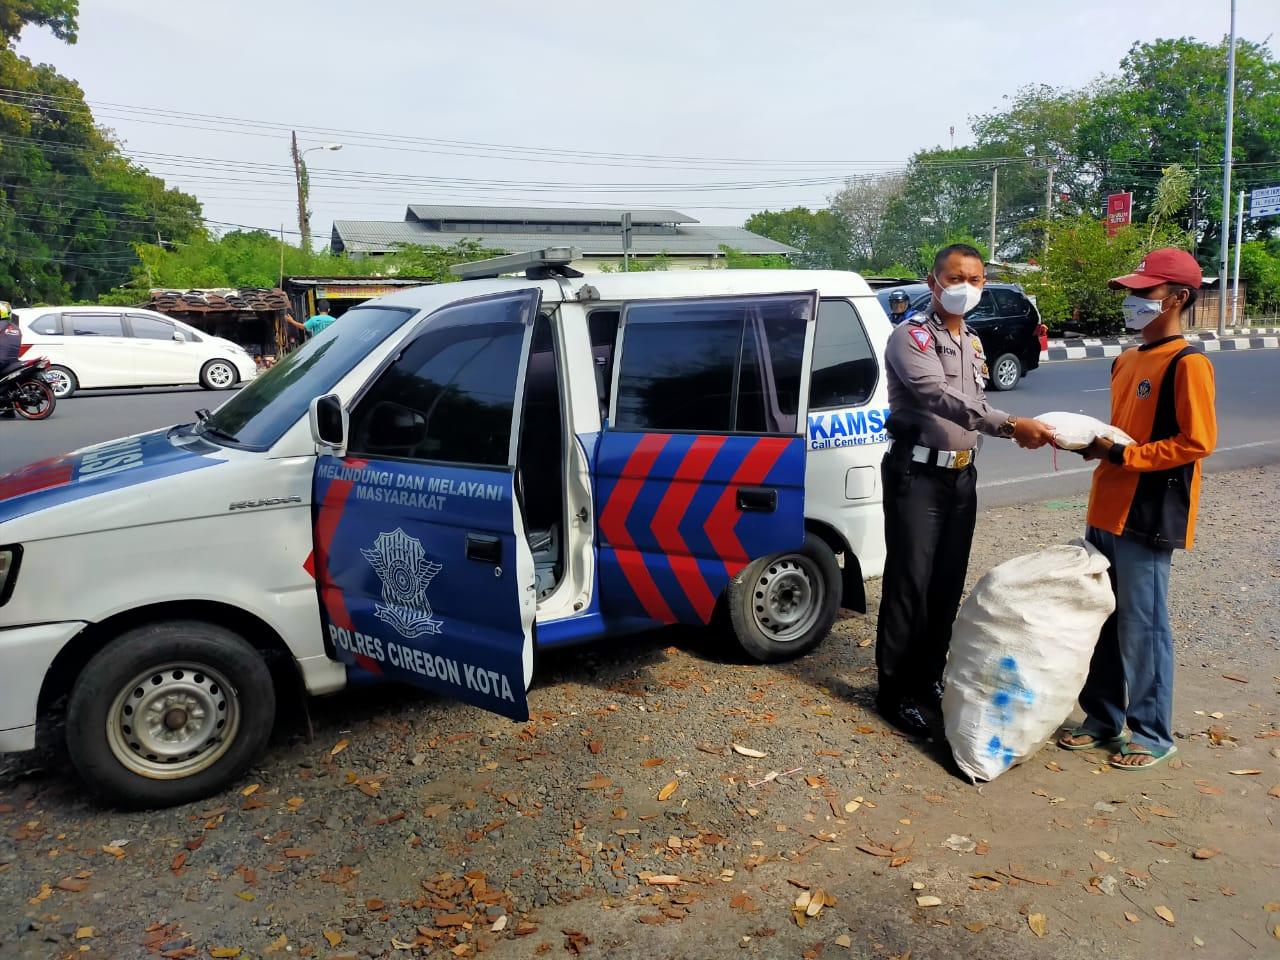 Sat Lantas Polres Cirebon Kota Berikan Sembako ke Pemulung dan Pembuang Sampah